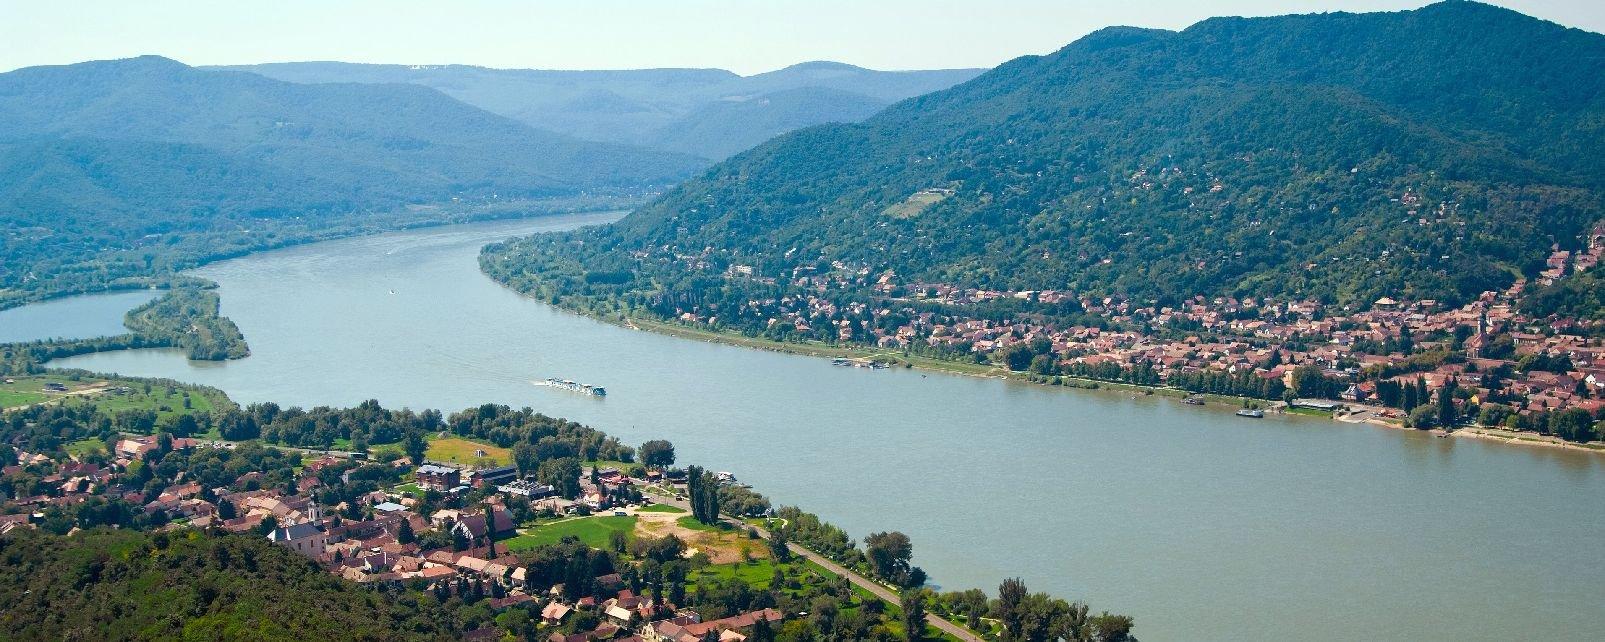 La ensenada del Danubio